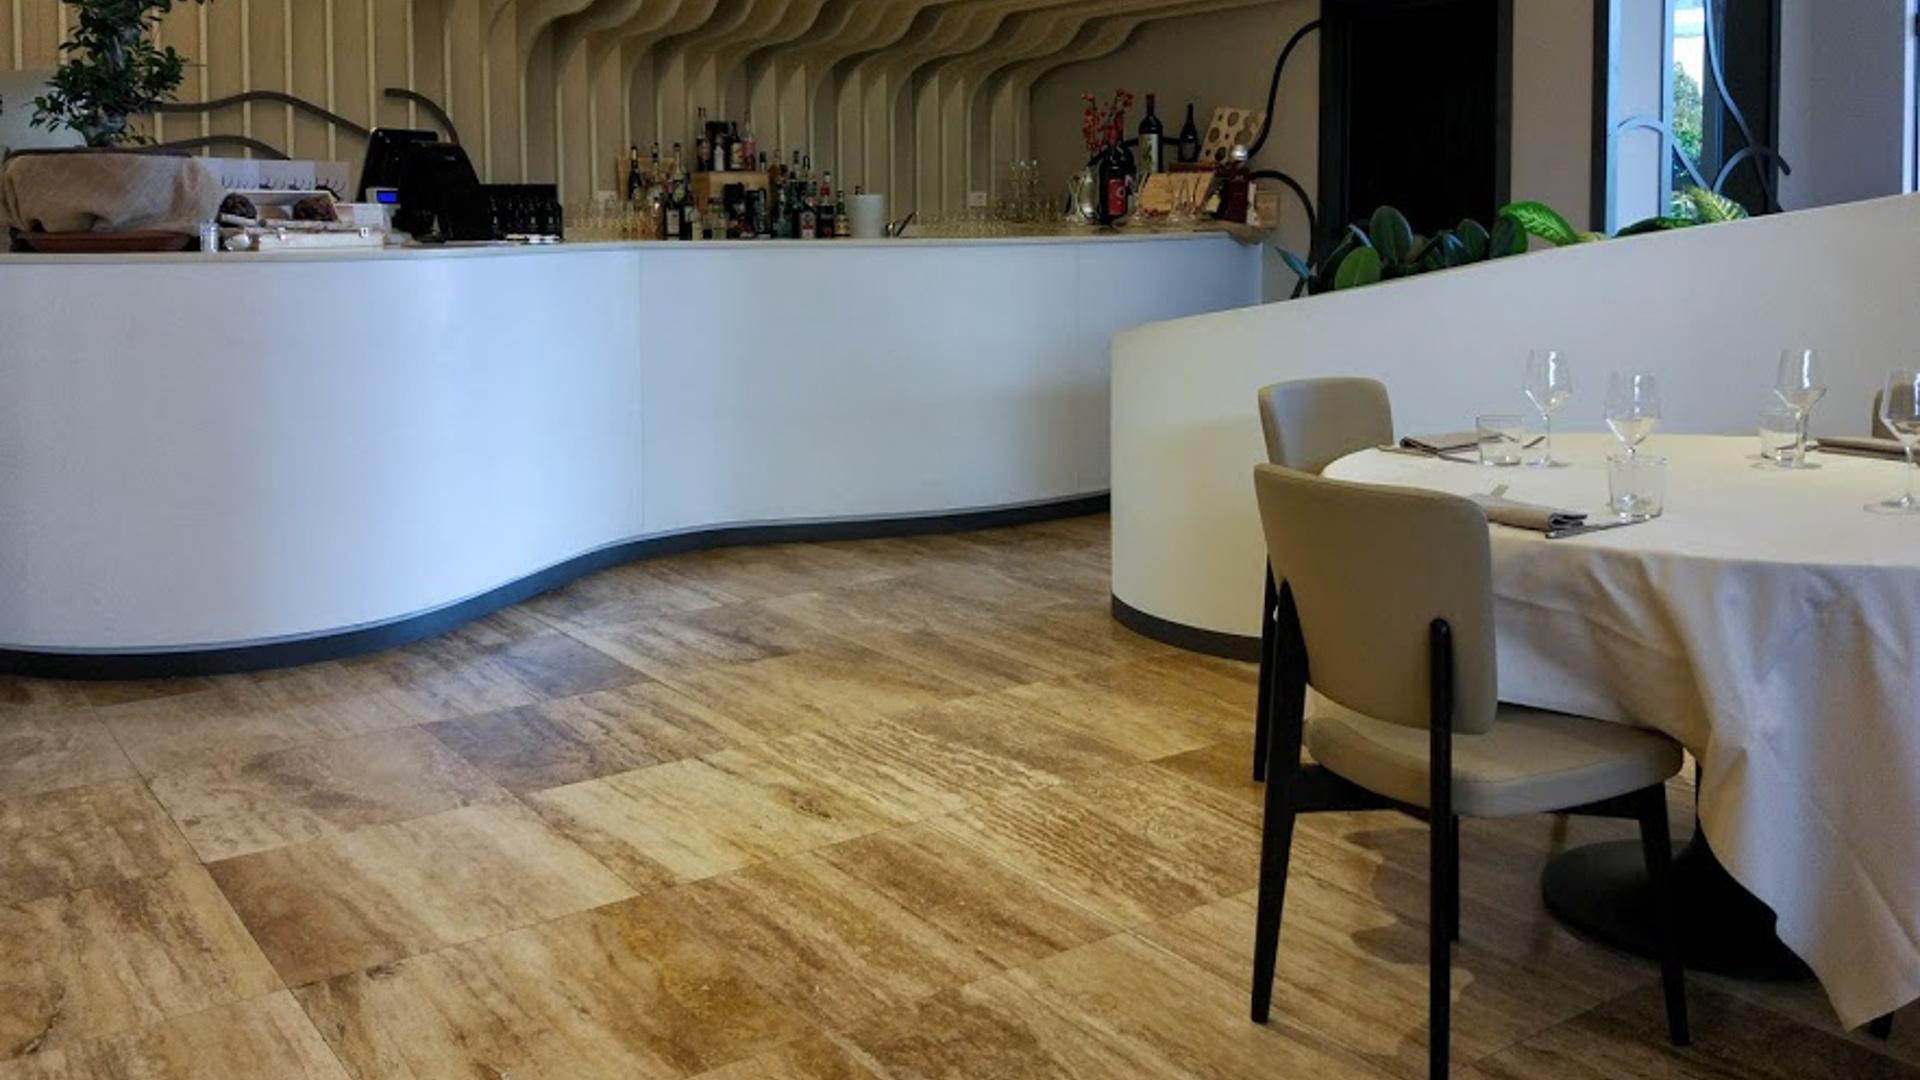 Picture of Mirò Restaurant by Pietre di Rapolano